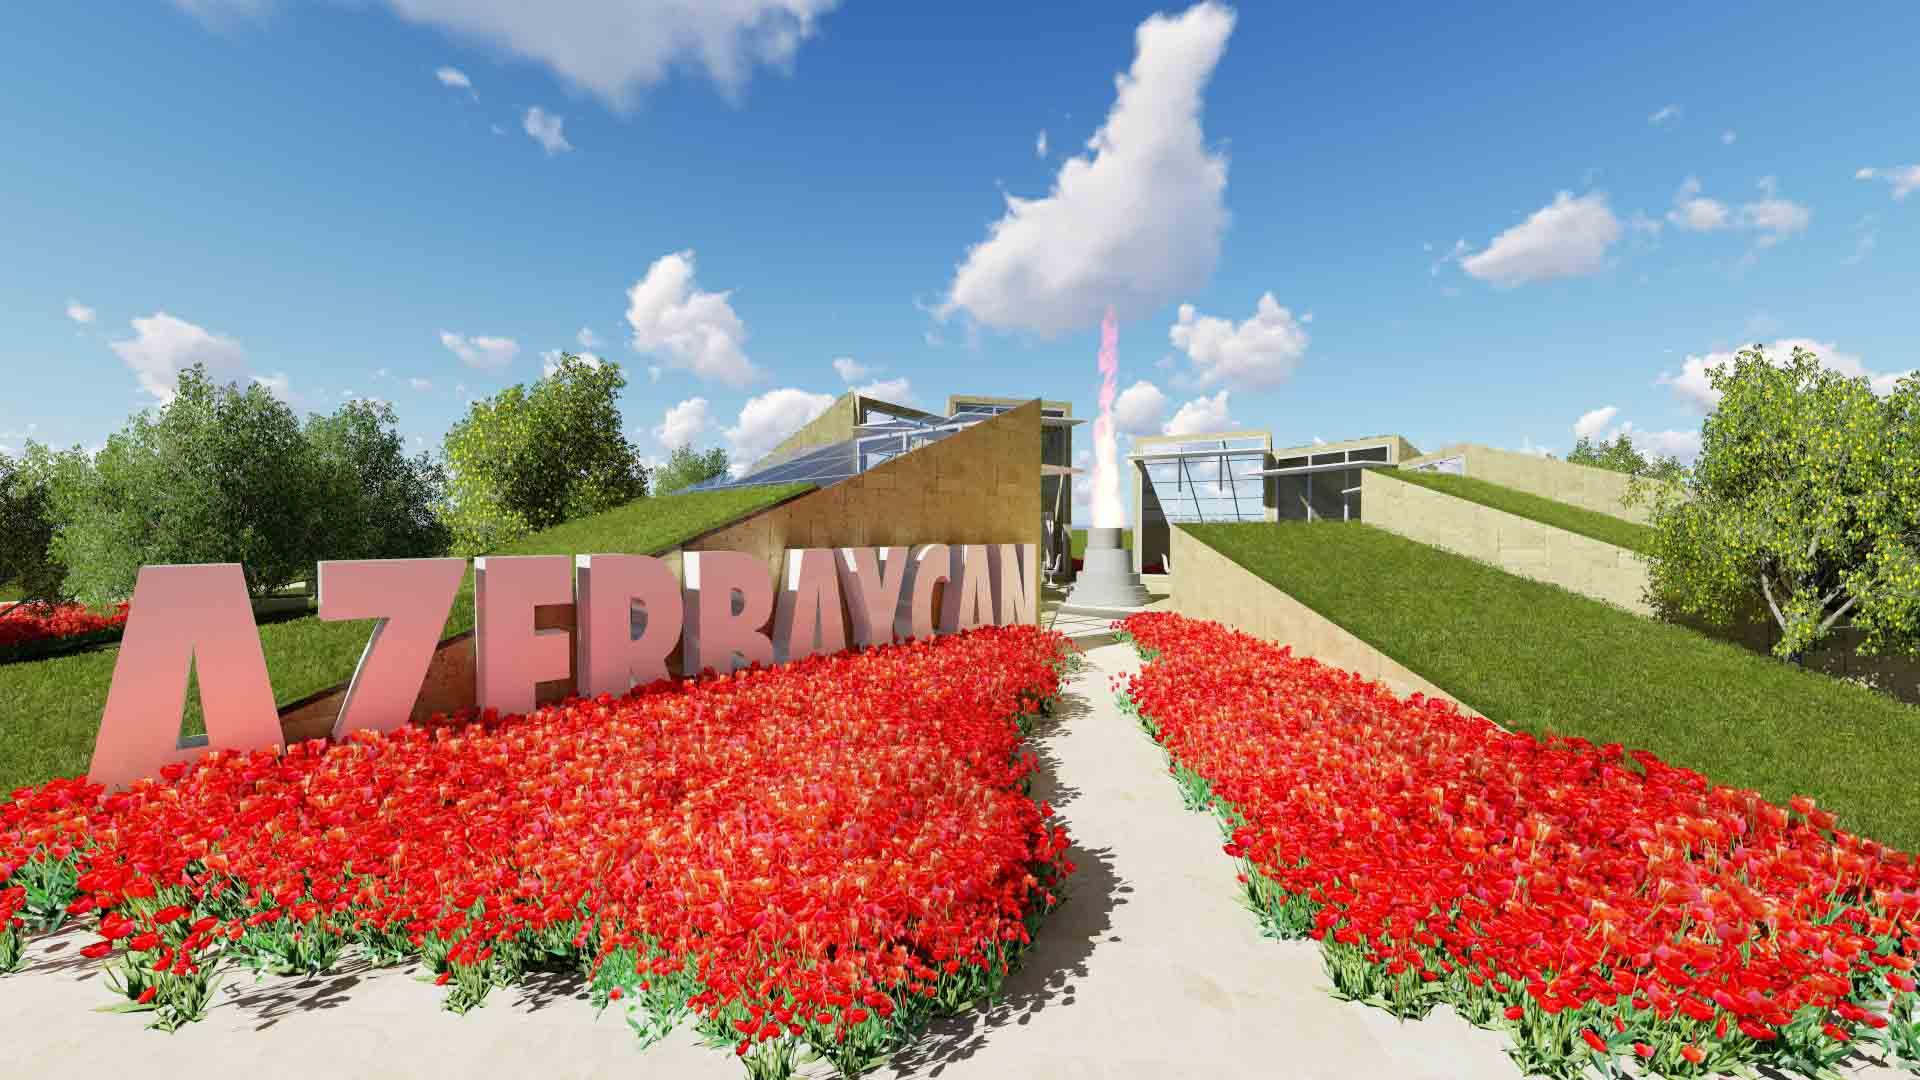 Azerbaijan EXPO